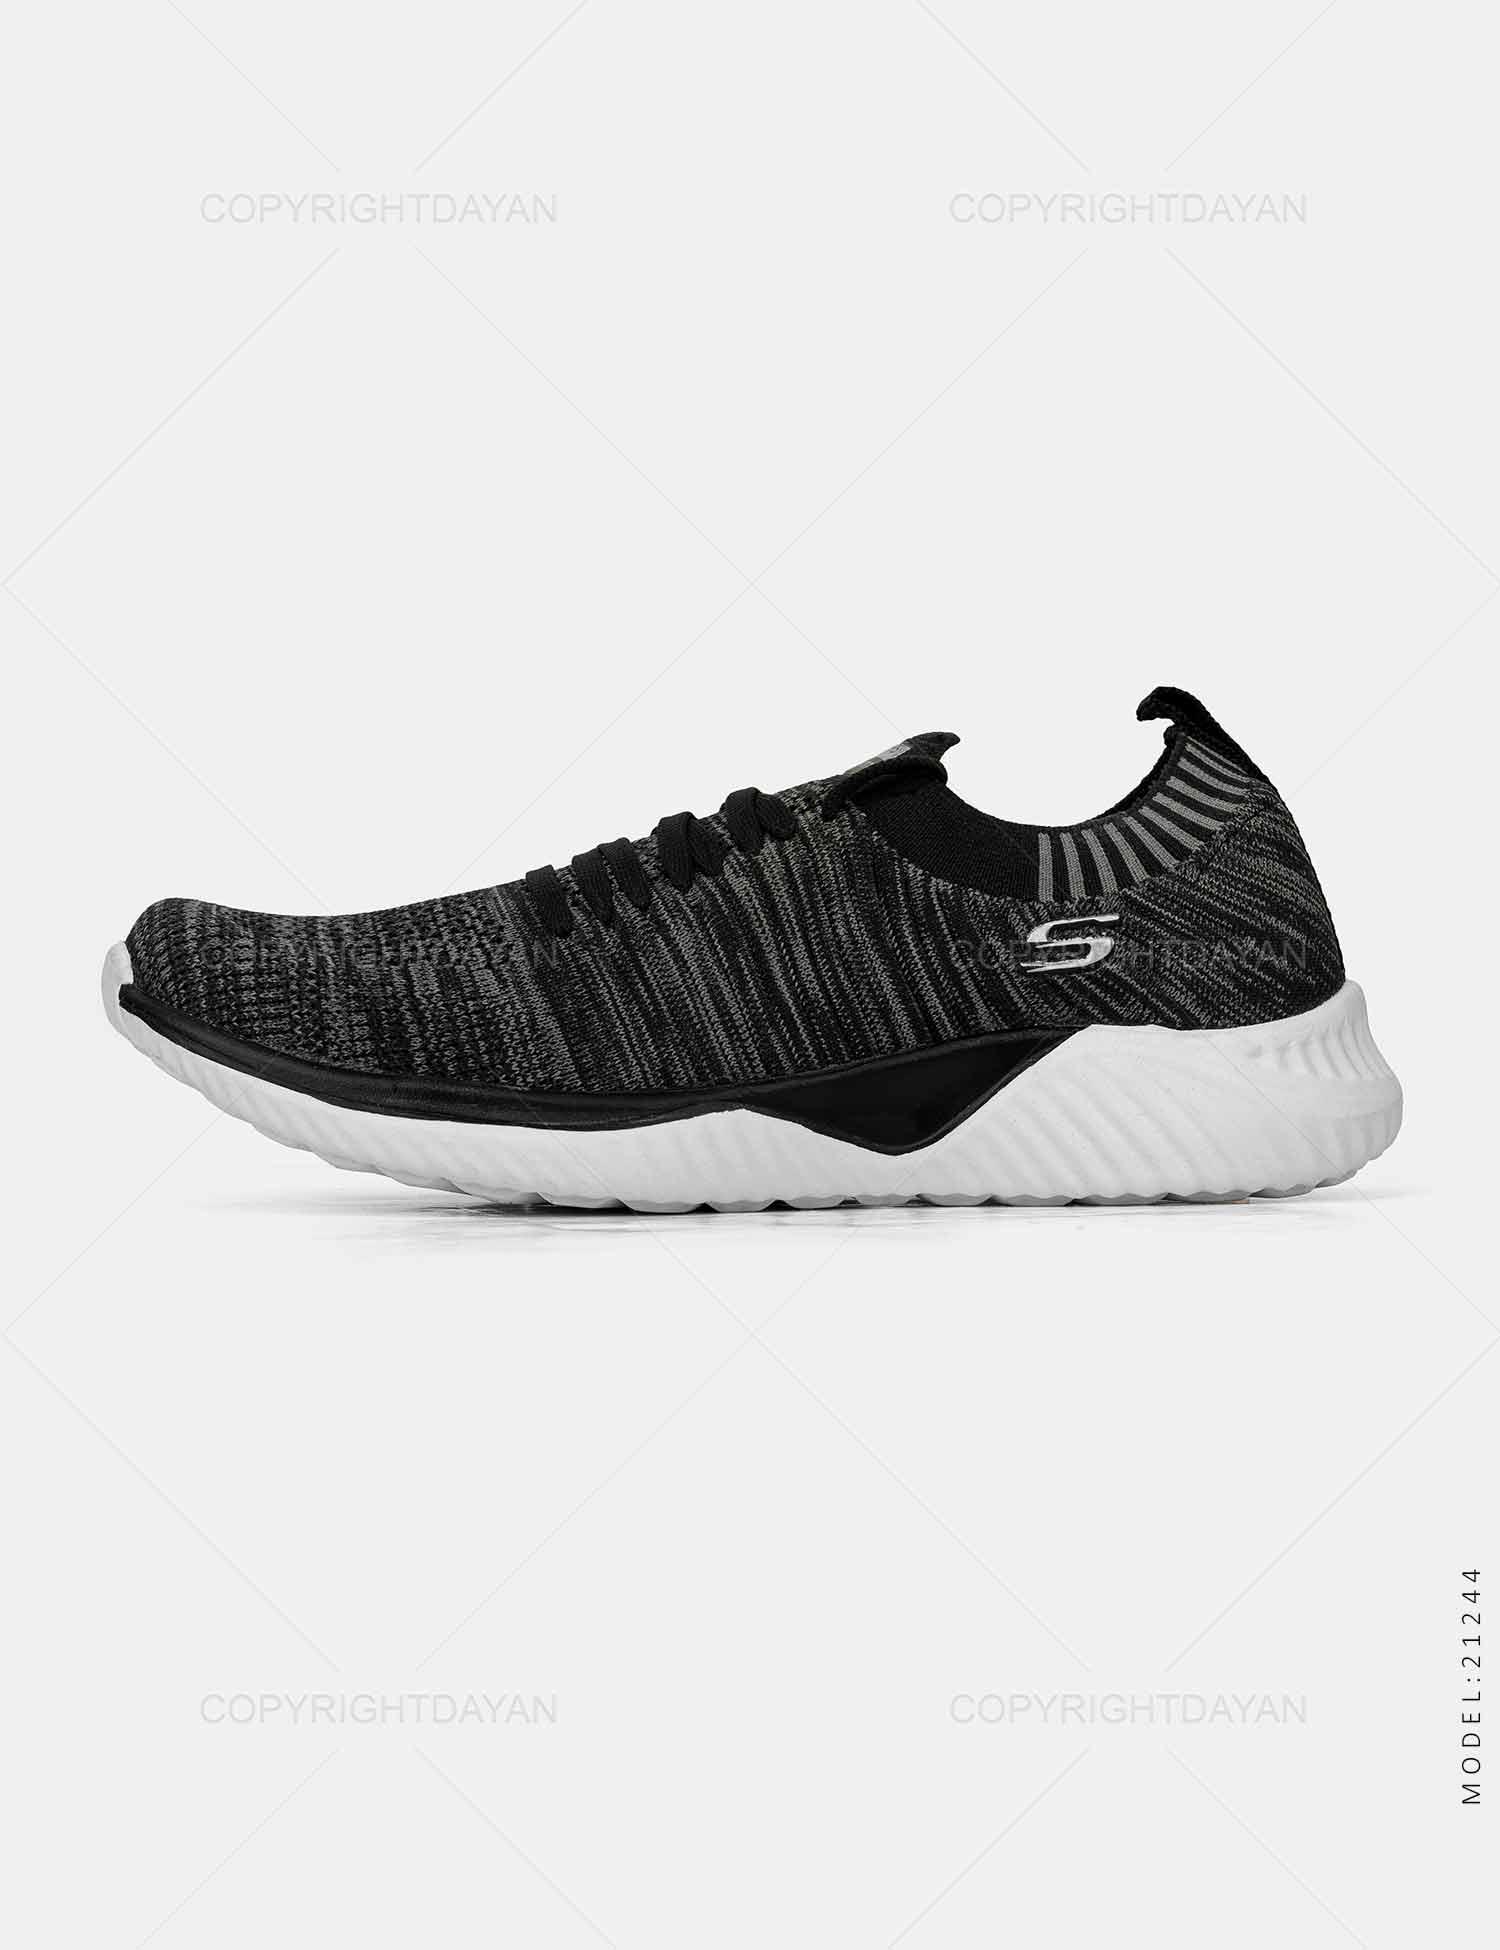 کفش ورزشی مردانه Skechers مدل 21244